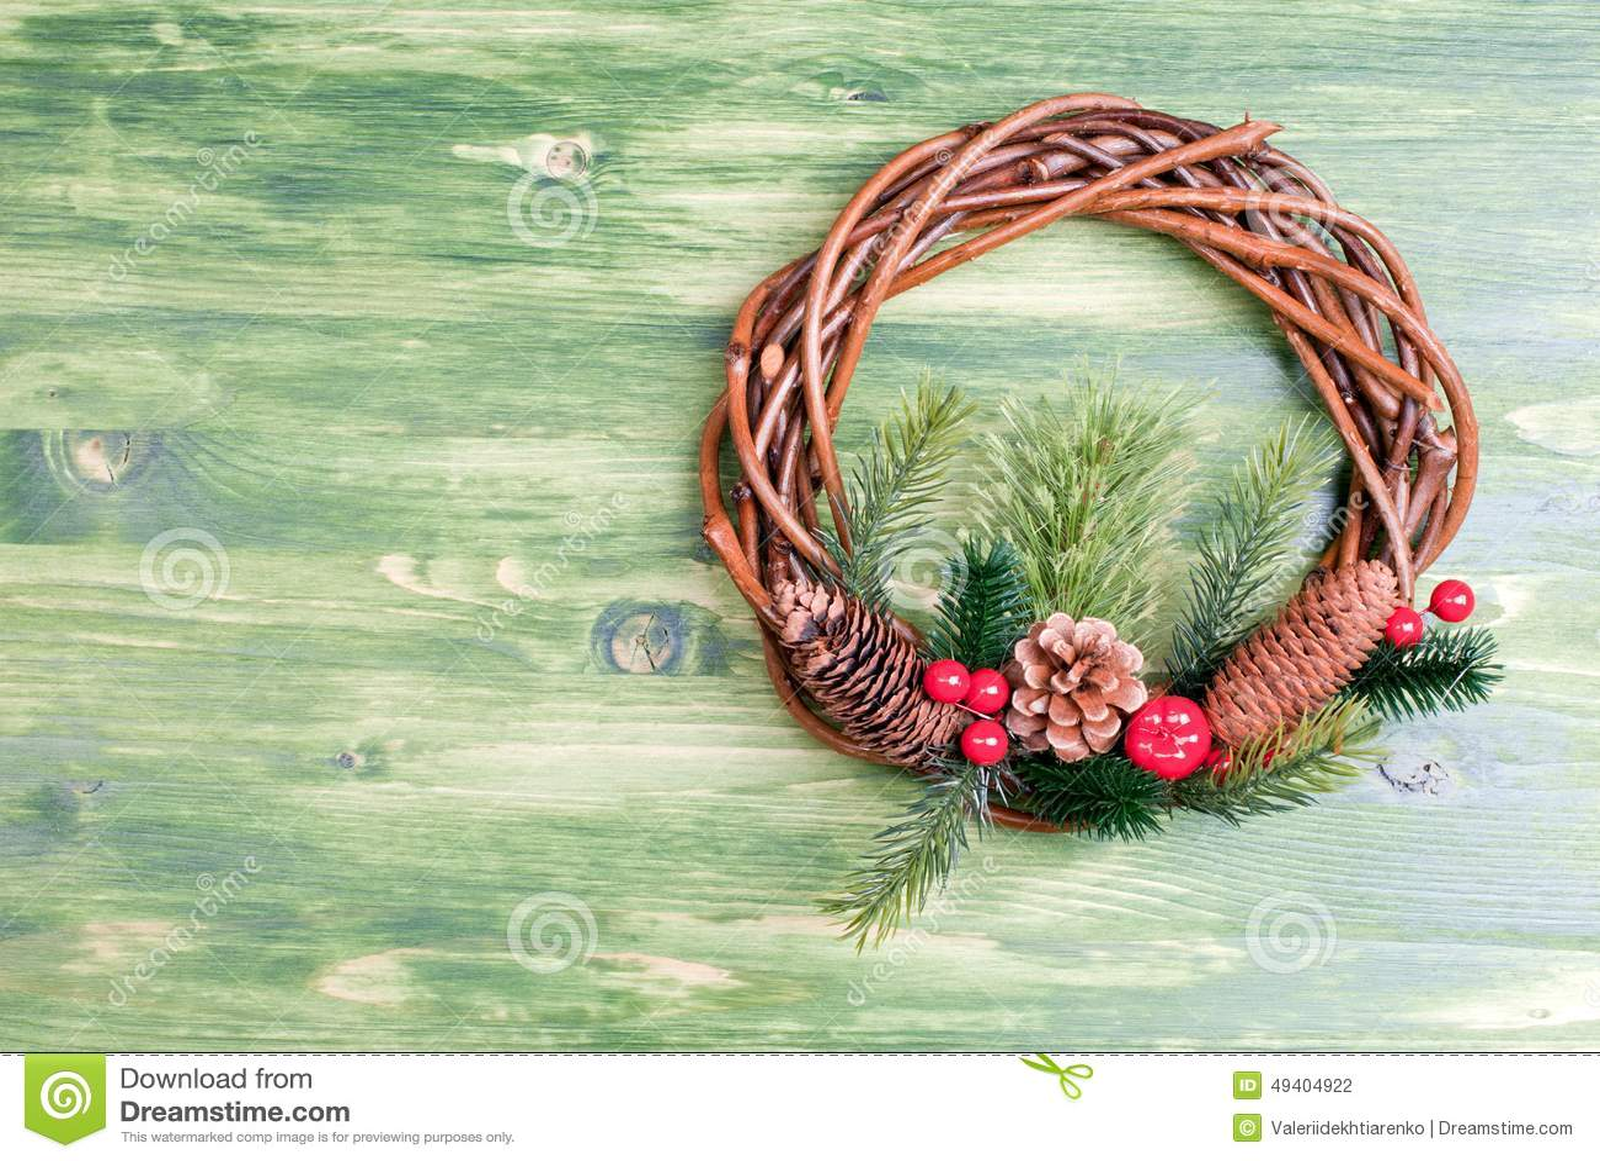 Download Weihnachtskranz Von Zweigen Mit Kiefernnadeln Und Von Kegeln Auf Einem Grün Stockfoto - Bild von fröhlich, tanne: 49404922